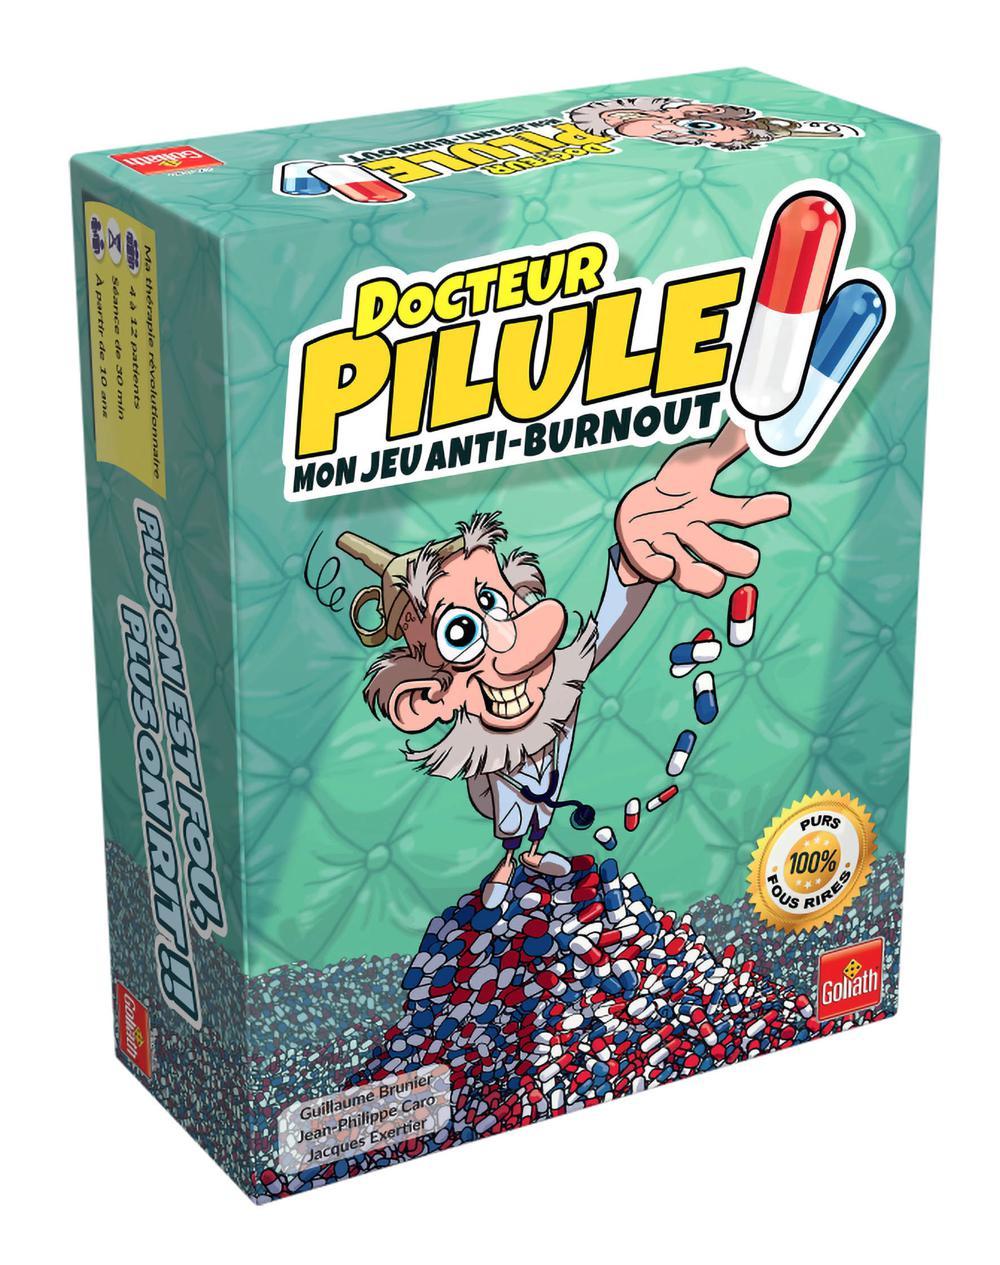 Jeu Docteur Pilule Version française